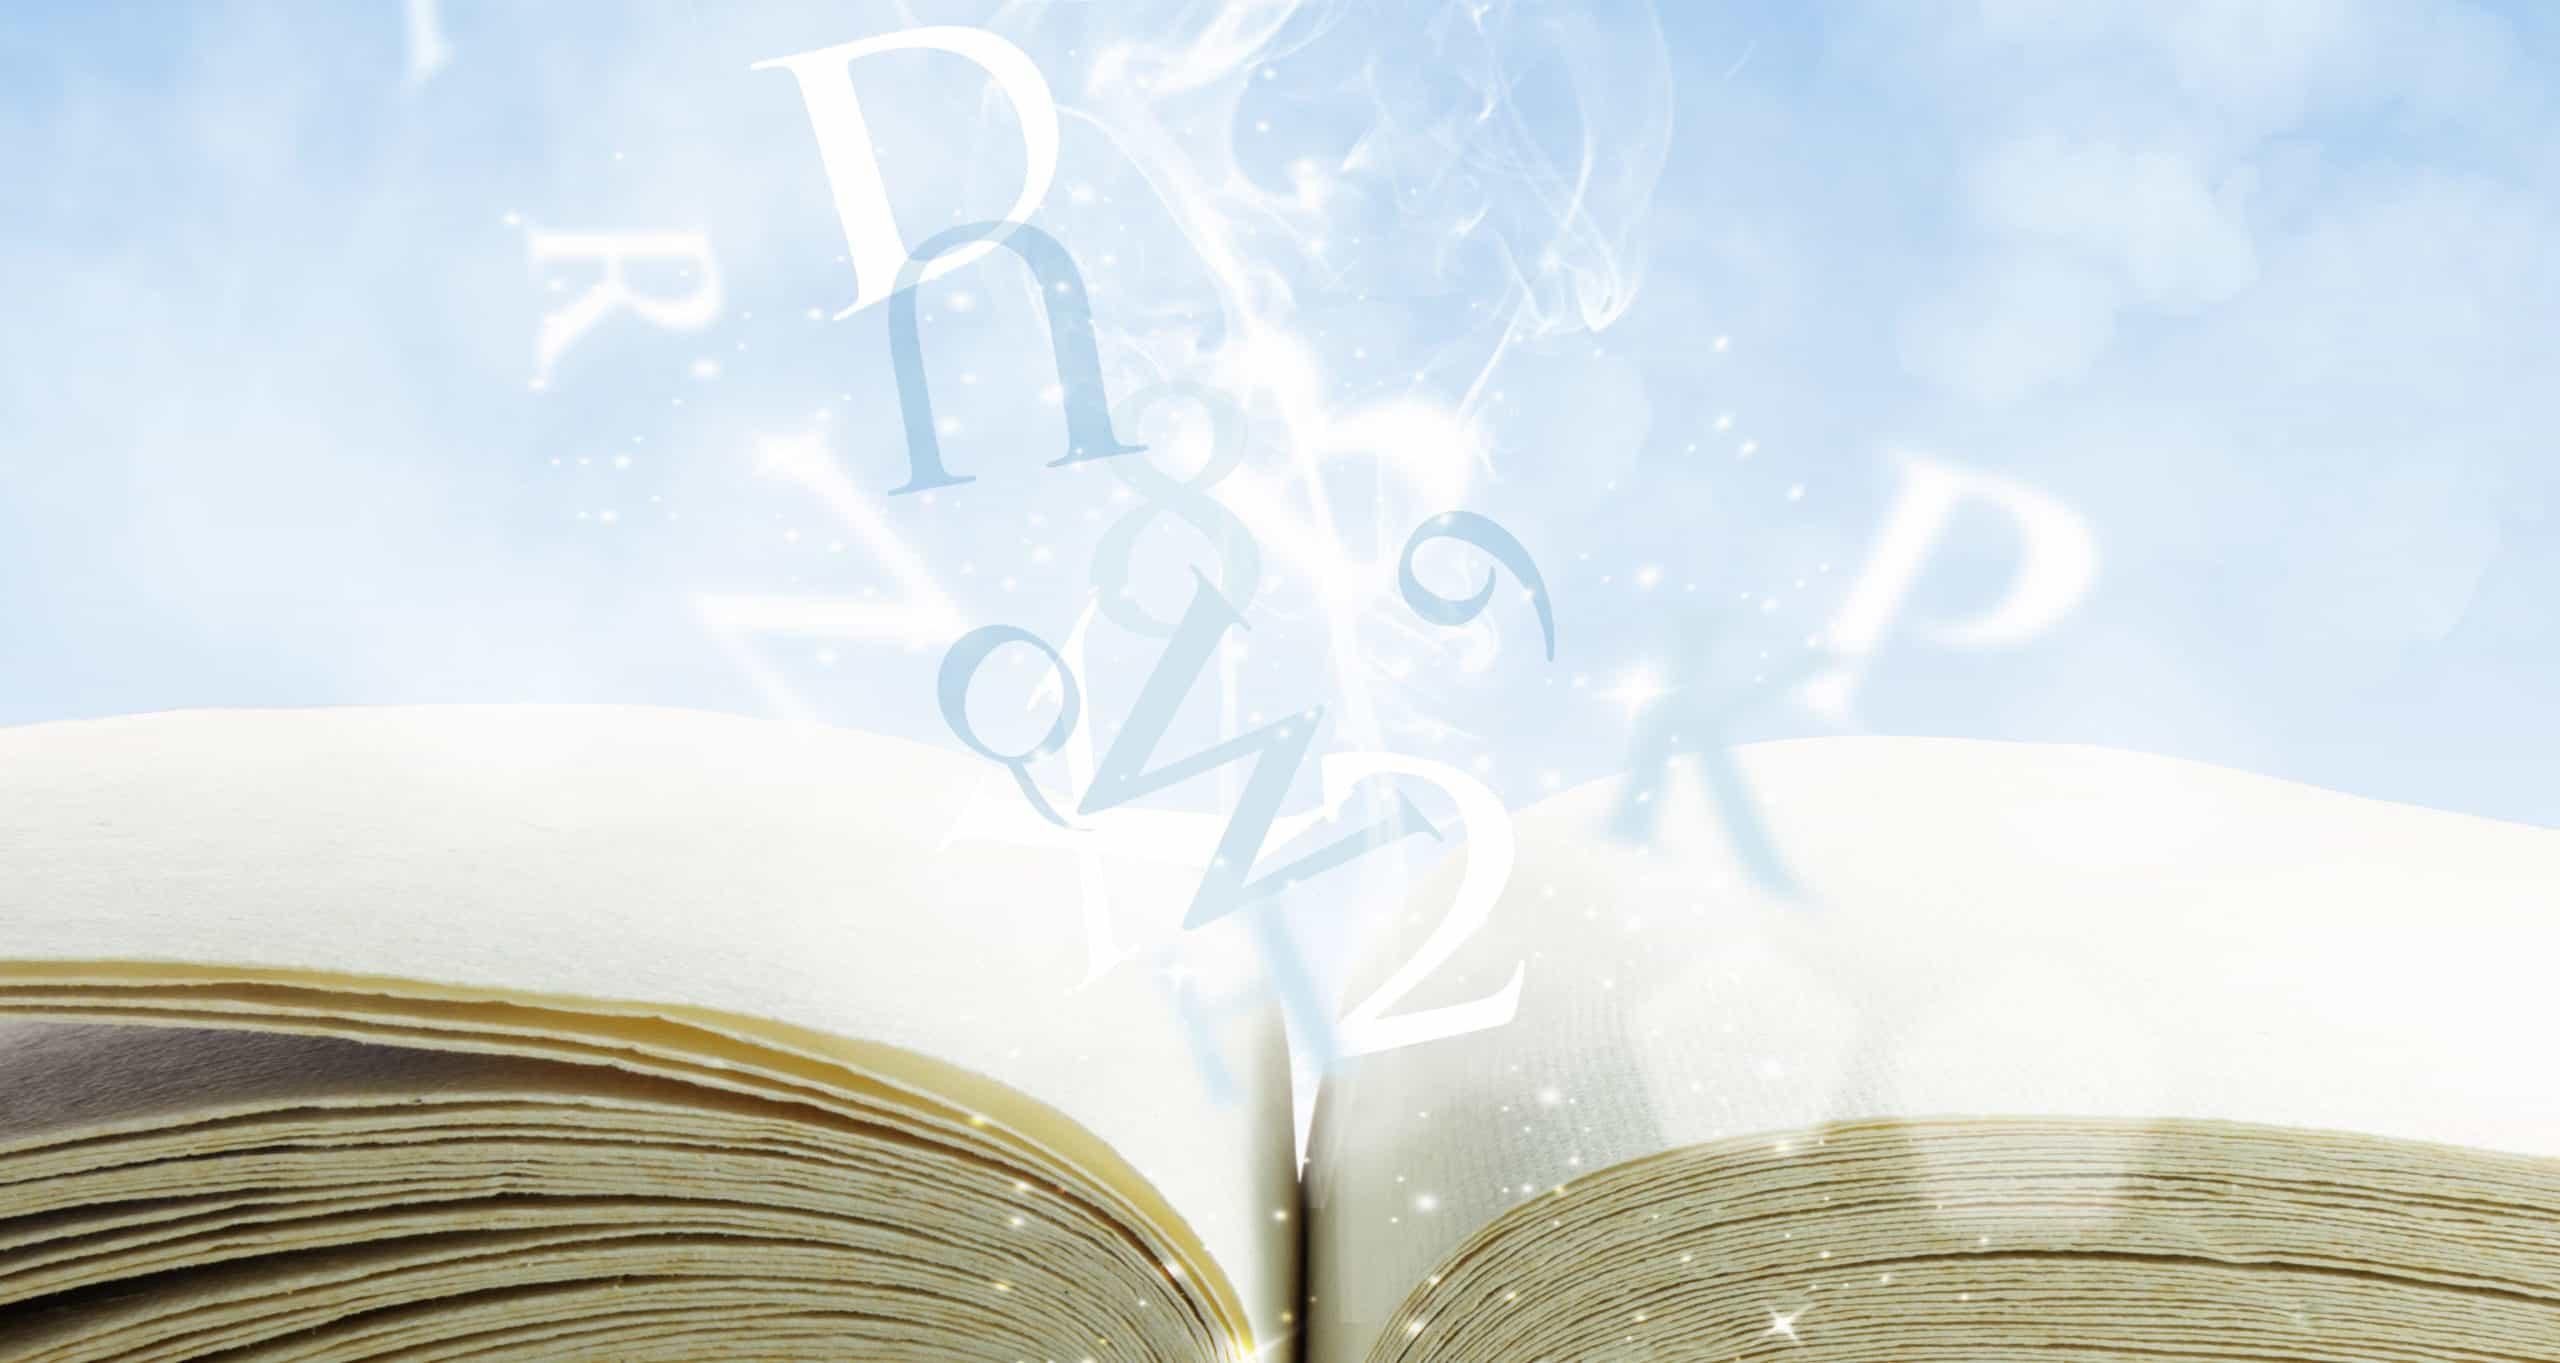 Essential Reading Skills & Abilities